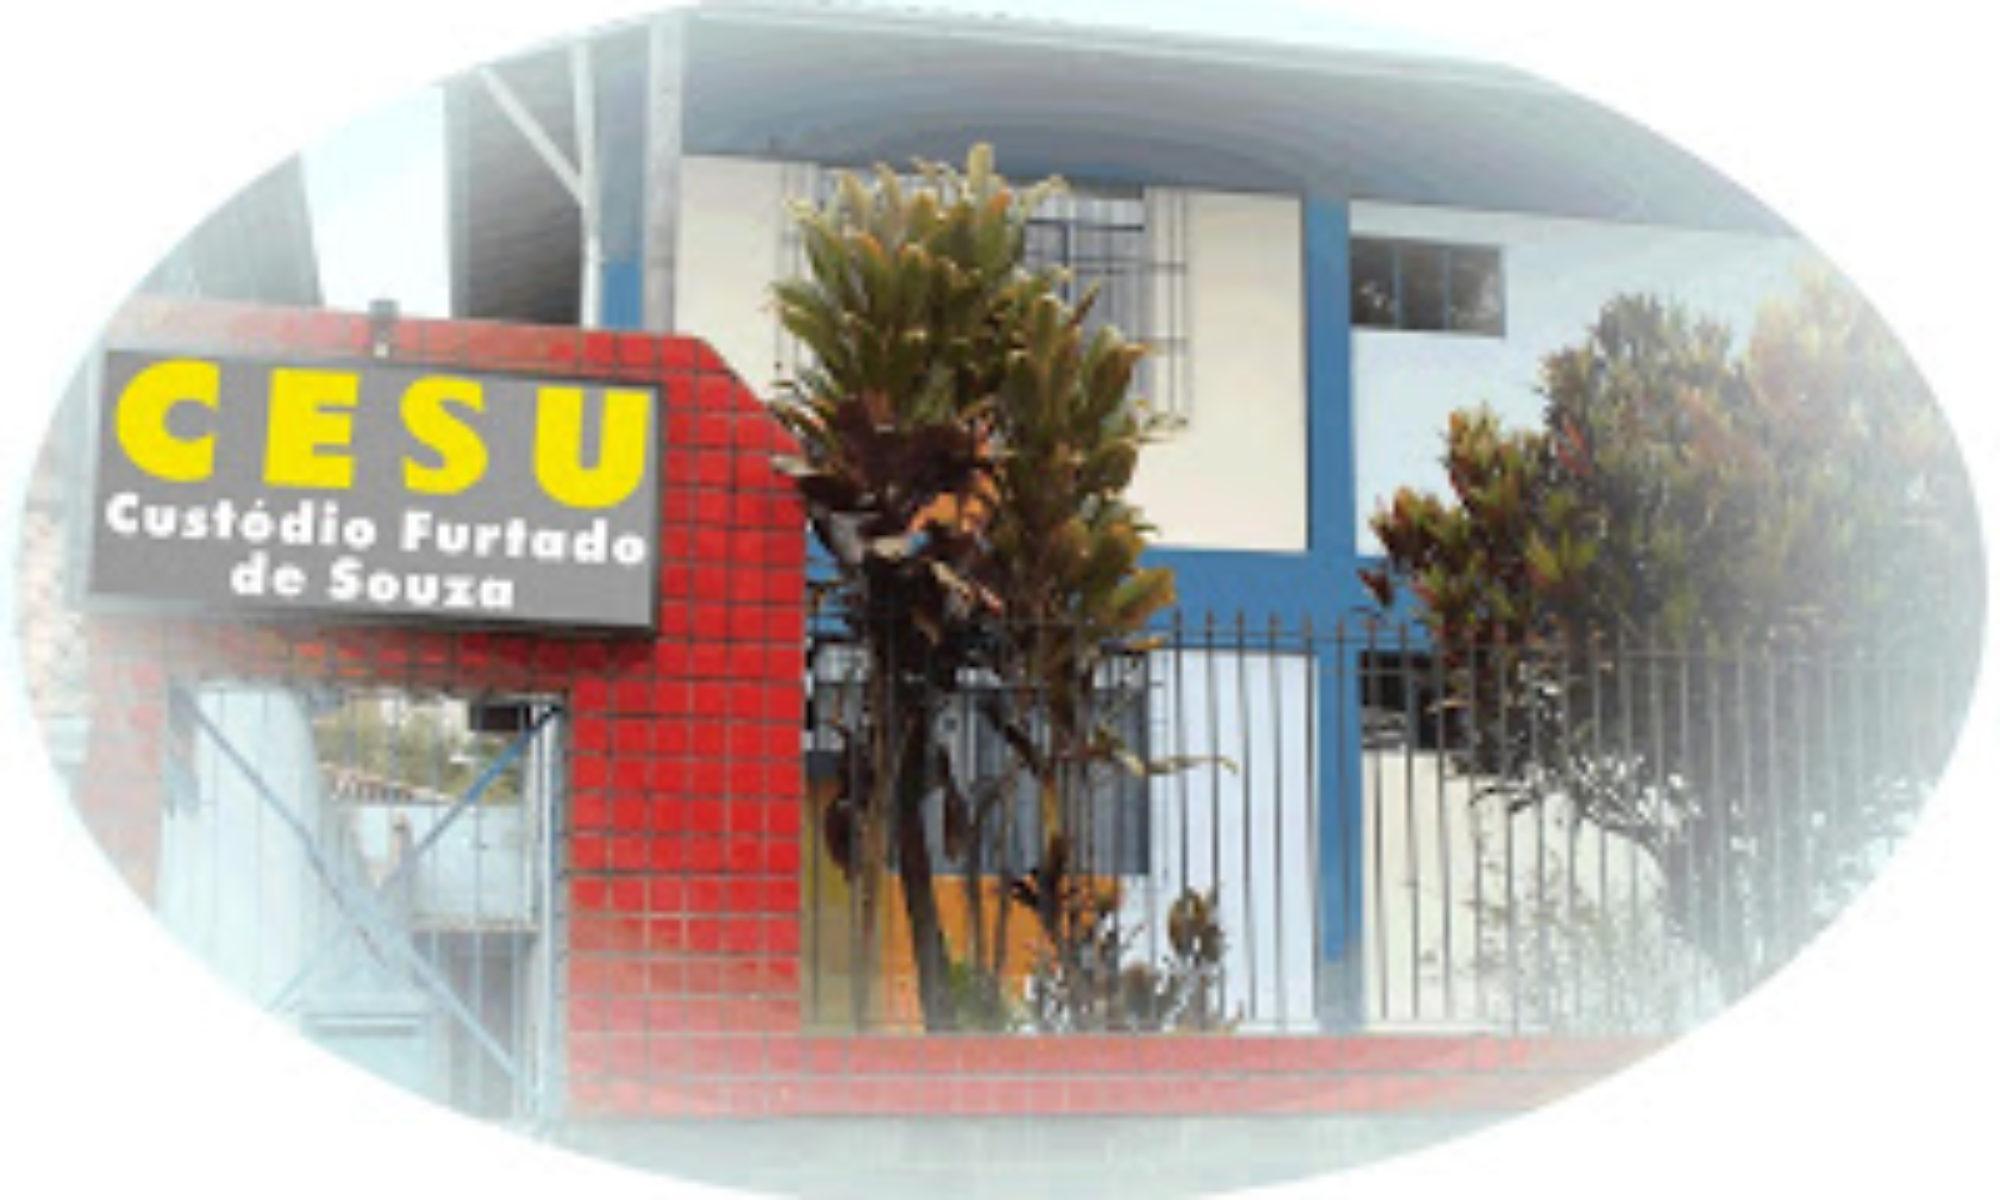 CESU - CUSTÓDIO FURTADO DE SOUZA